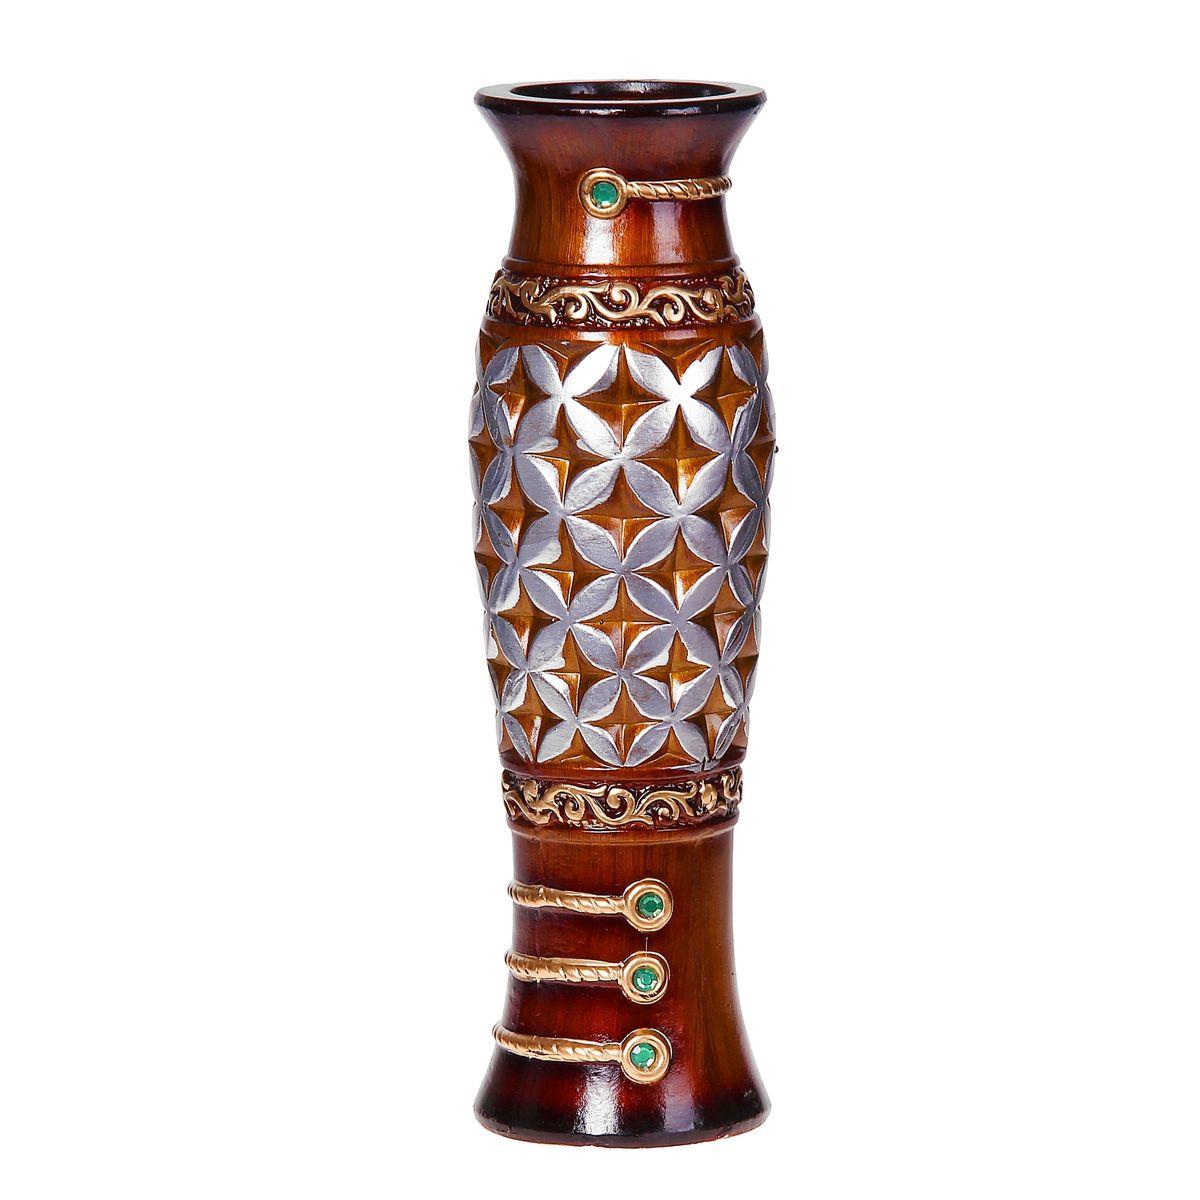 Ваза керамика напольная 60 см цветочный орнамент коричневая ножка 10449681044968Керамика